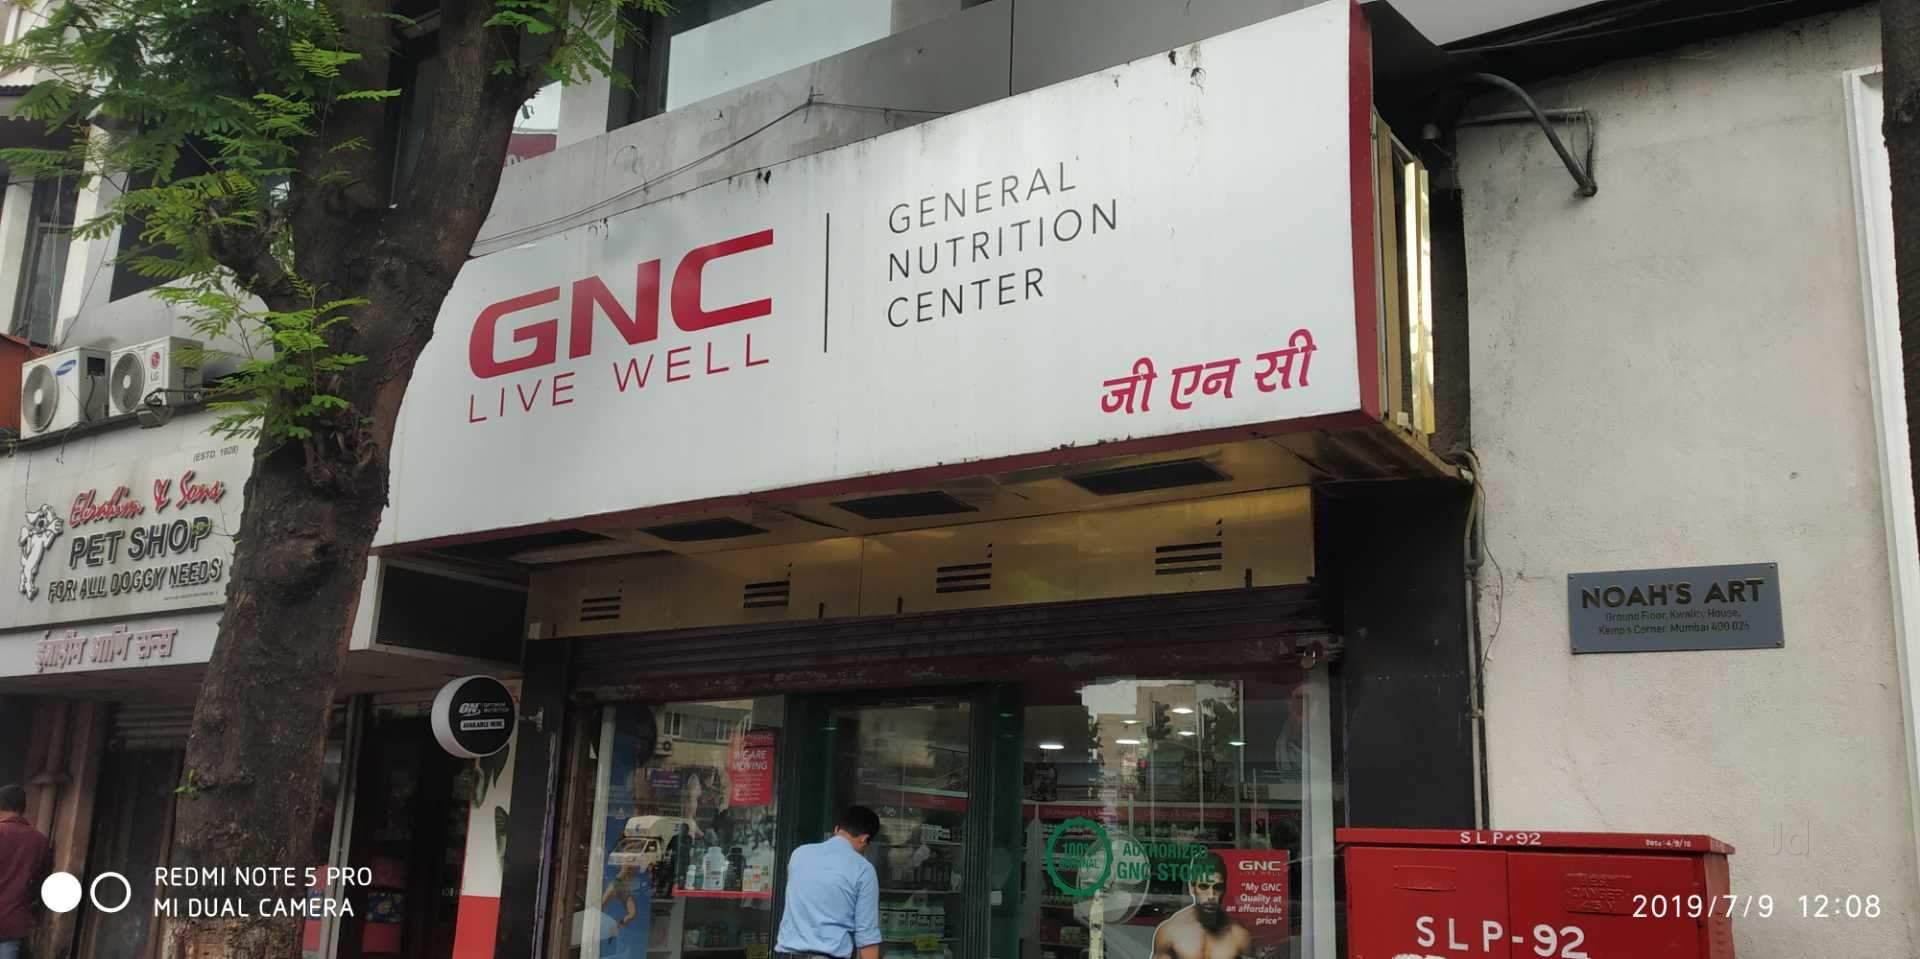 Top Gnc Nutritional Supplement Retailers in Kemps Corner - Best Gnc